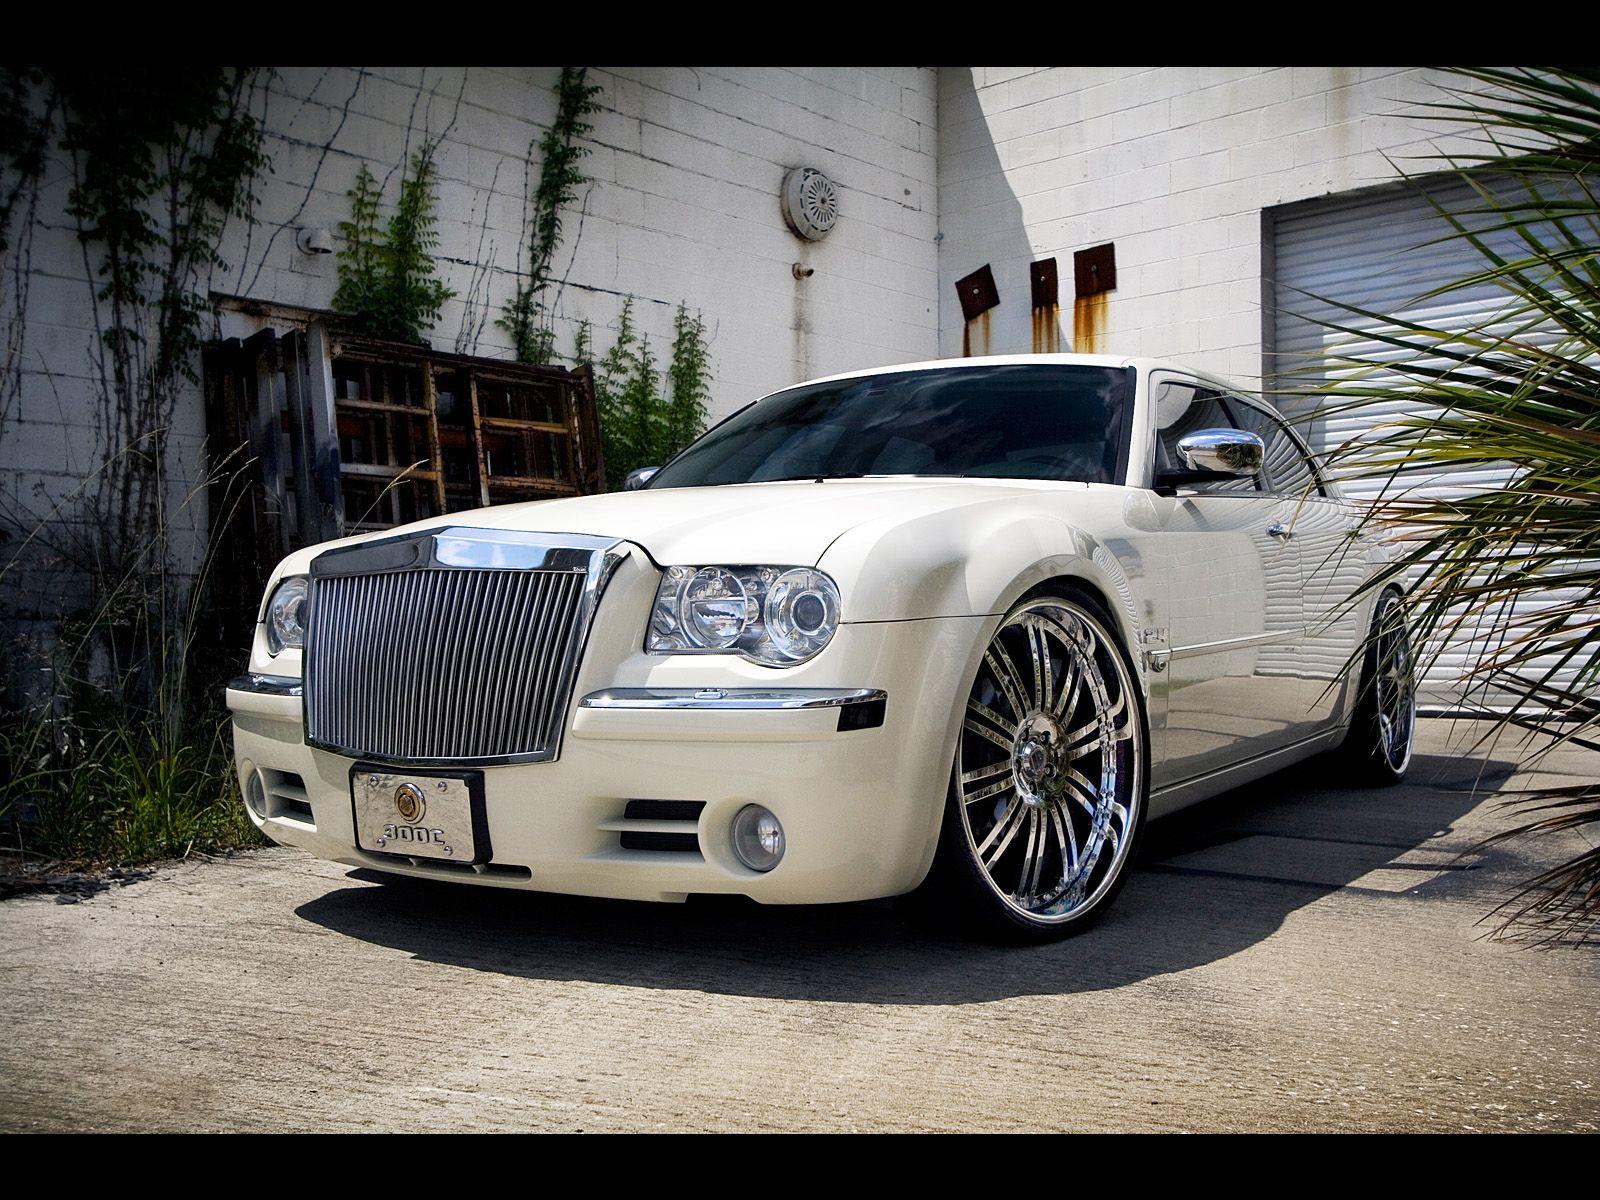 Love My 300c Kinda Like This One Chrysler 300 Chrysler 300c